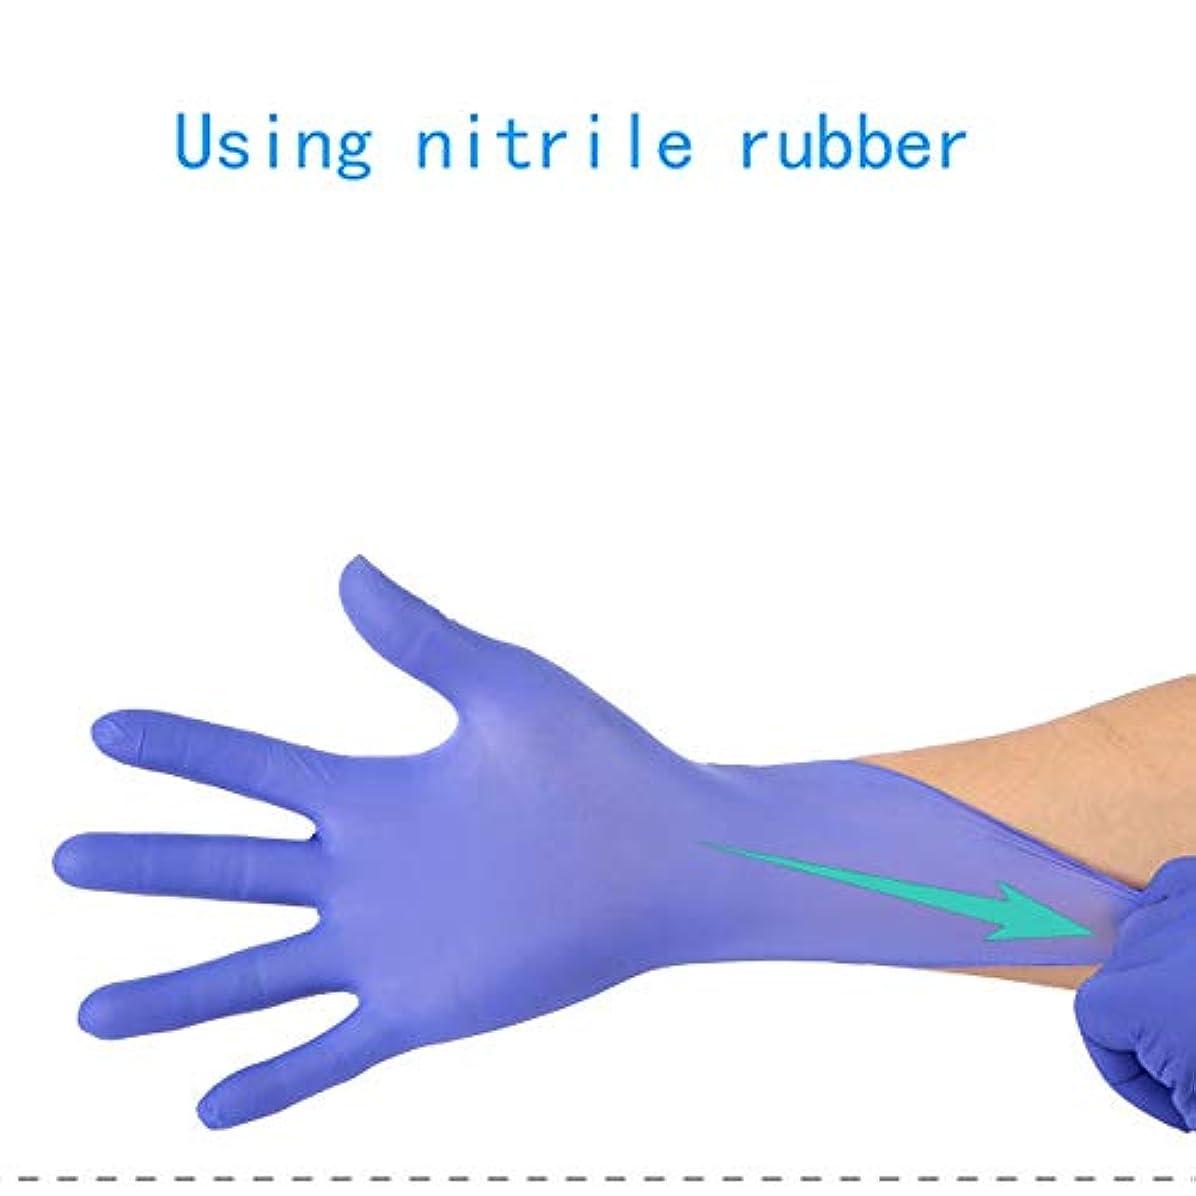 レーニン主義パイプライン塊ニトリル医療グレード試験用手袋、使い捨て、ラテックスフリー、100カウント、滅菌済み使い捨て安全手袋 (Color : Purple, Size : L)